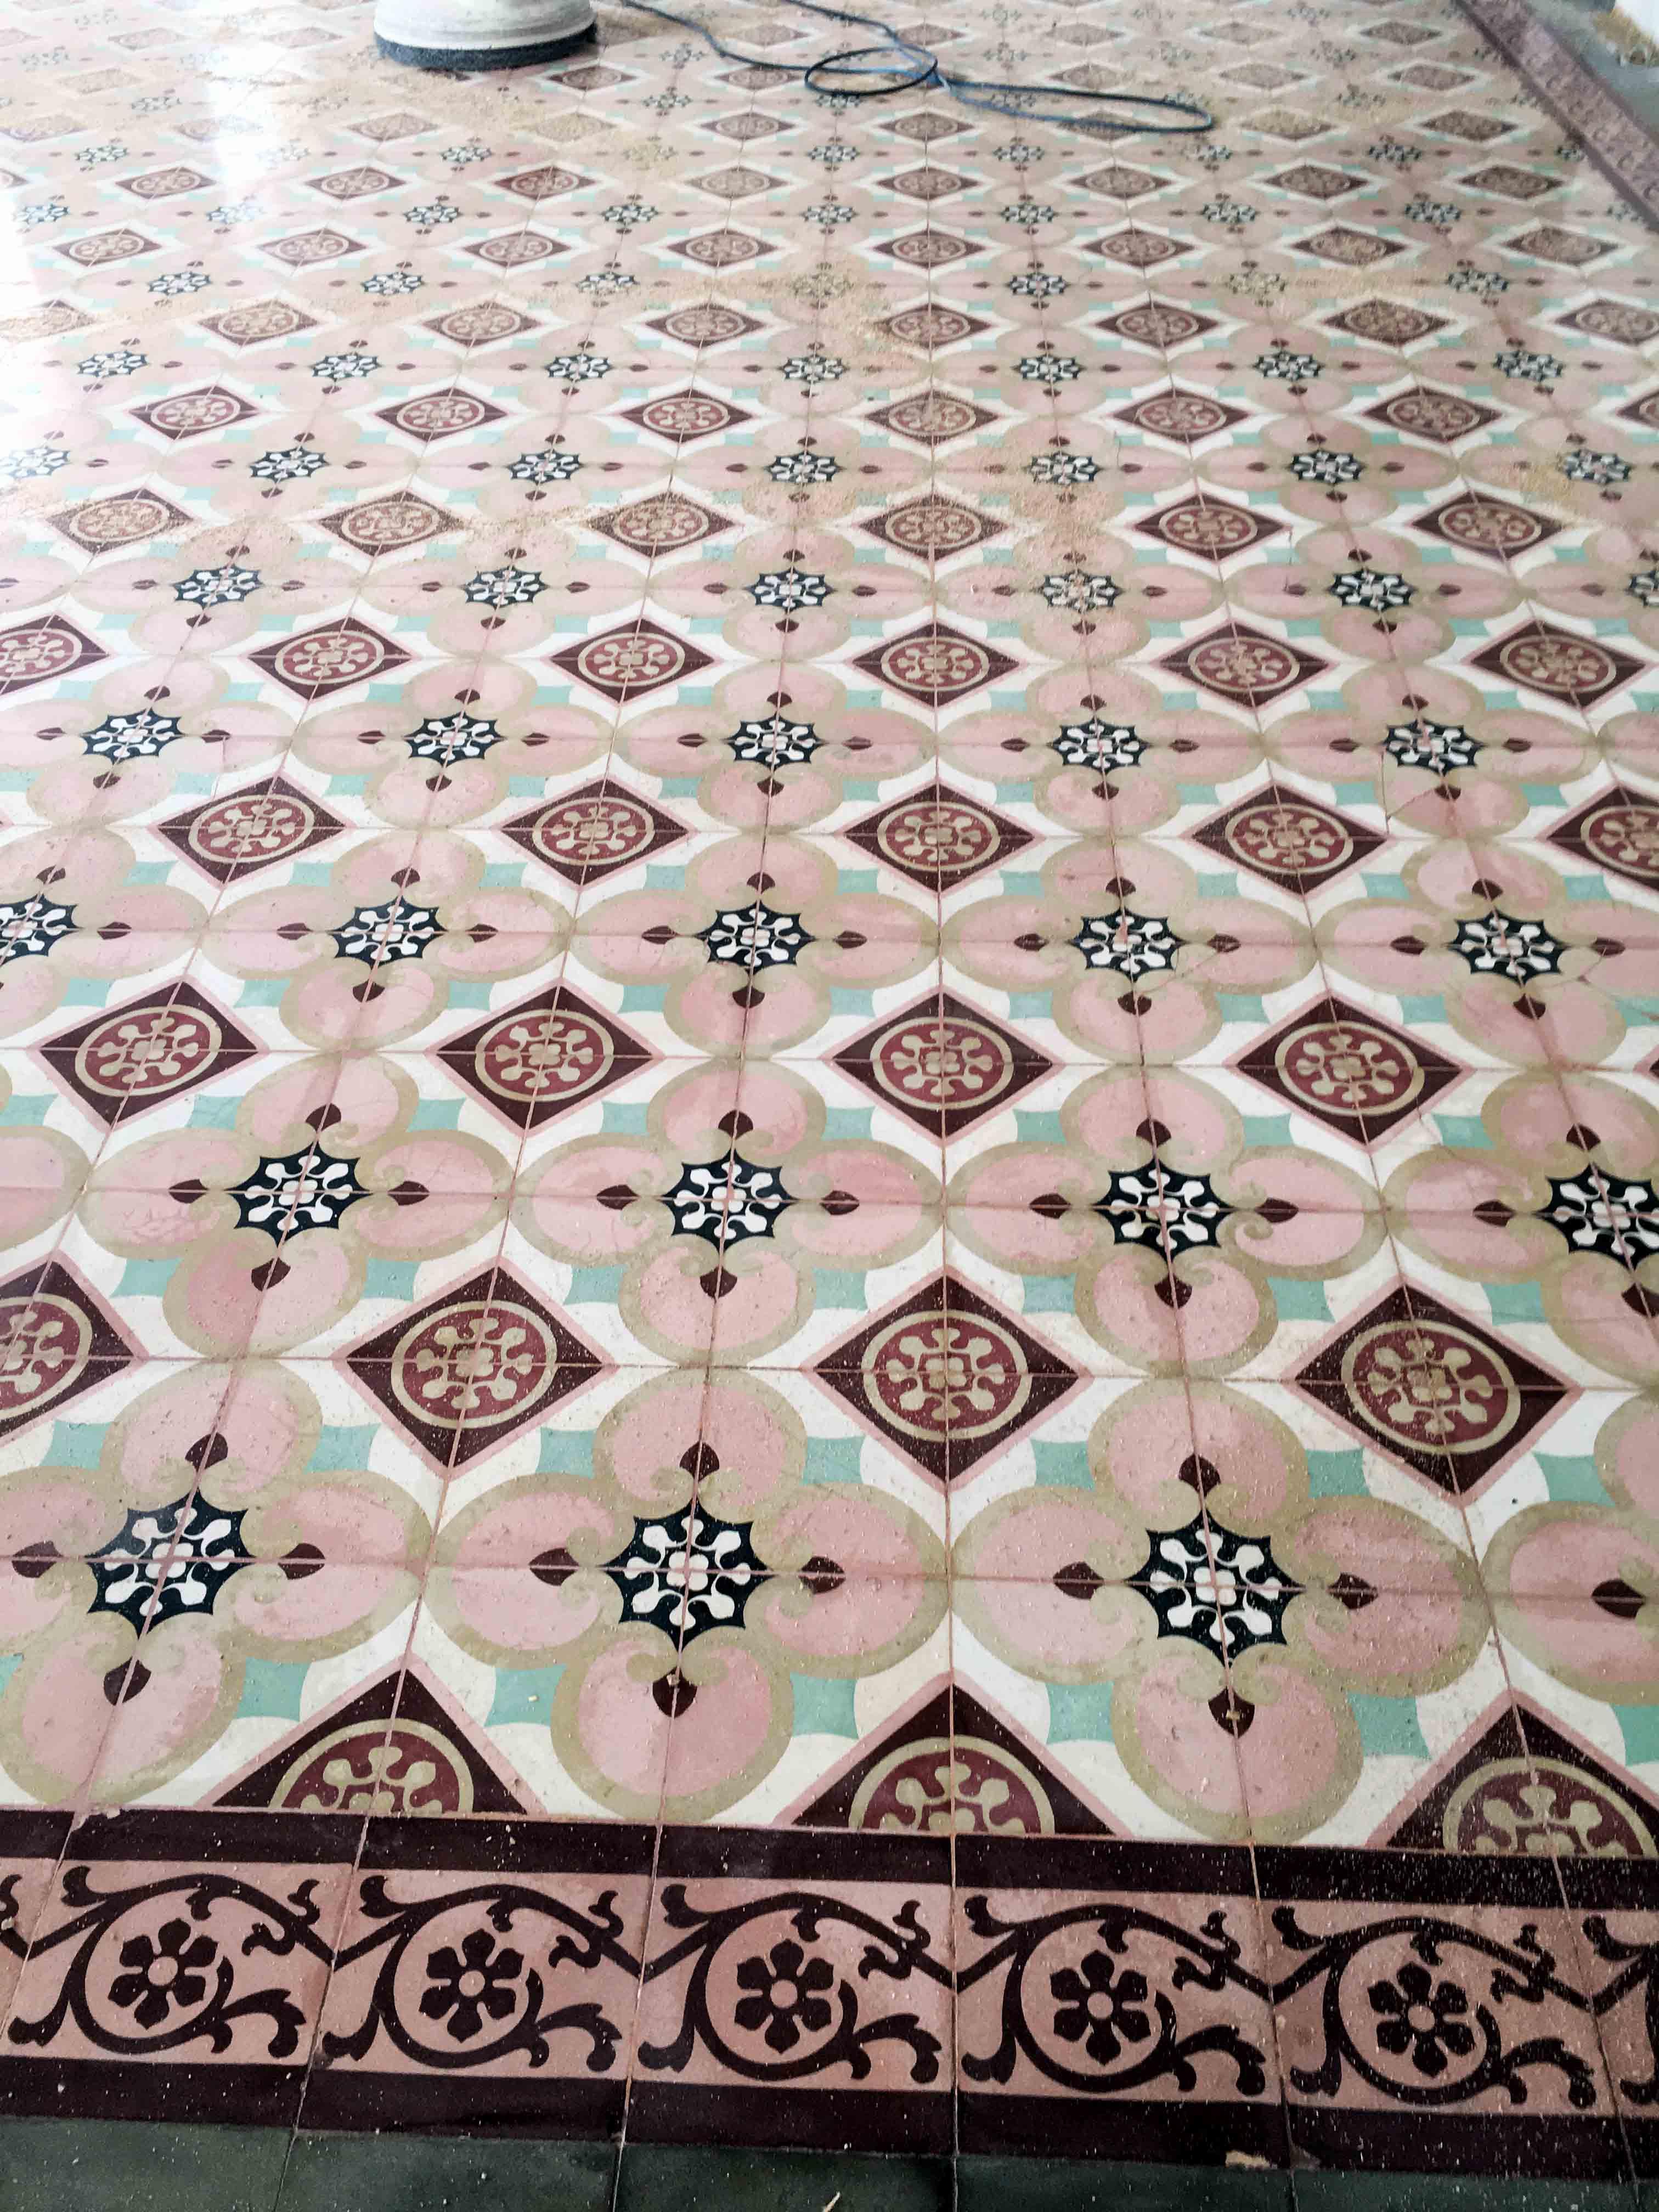 MosaicosBarcelona-Recuperacción-abrillantado-y-acristalado-de-suelos-de-mosaico-hidraulico-en-vivienda-en-Mallorca-Baleares-14